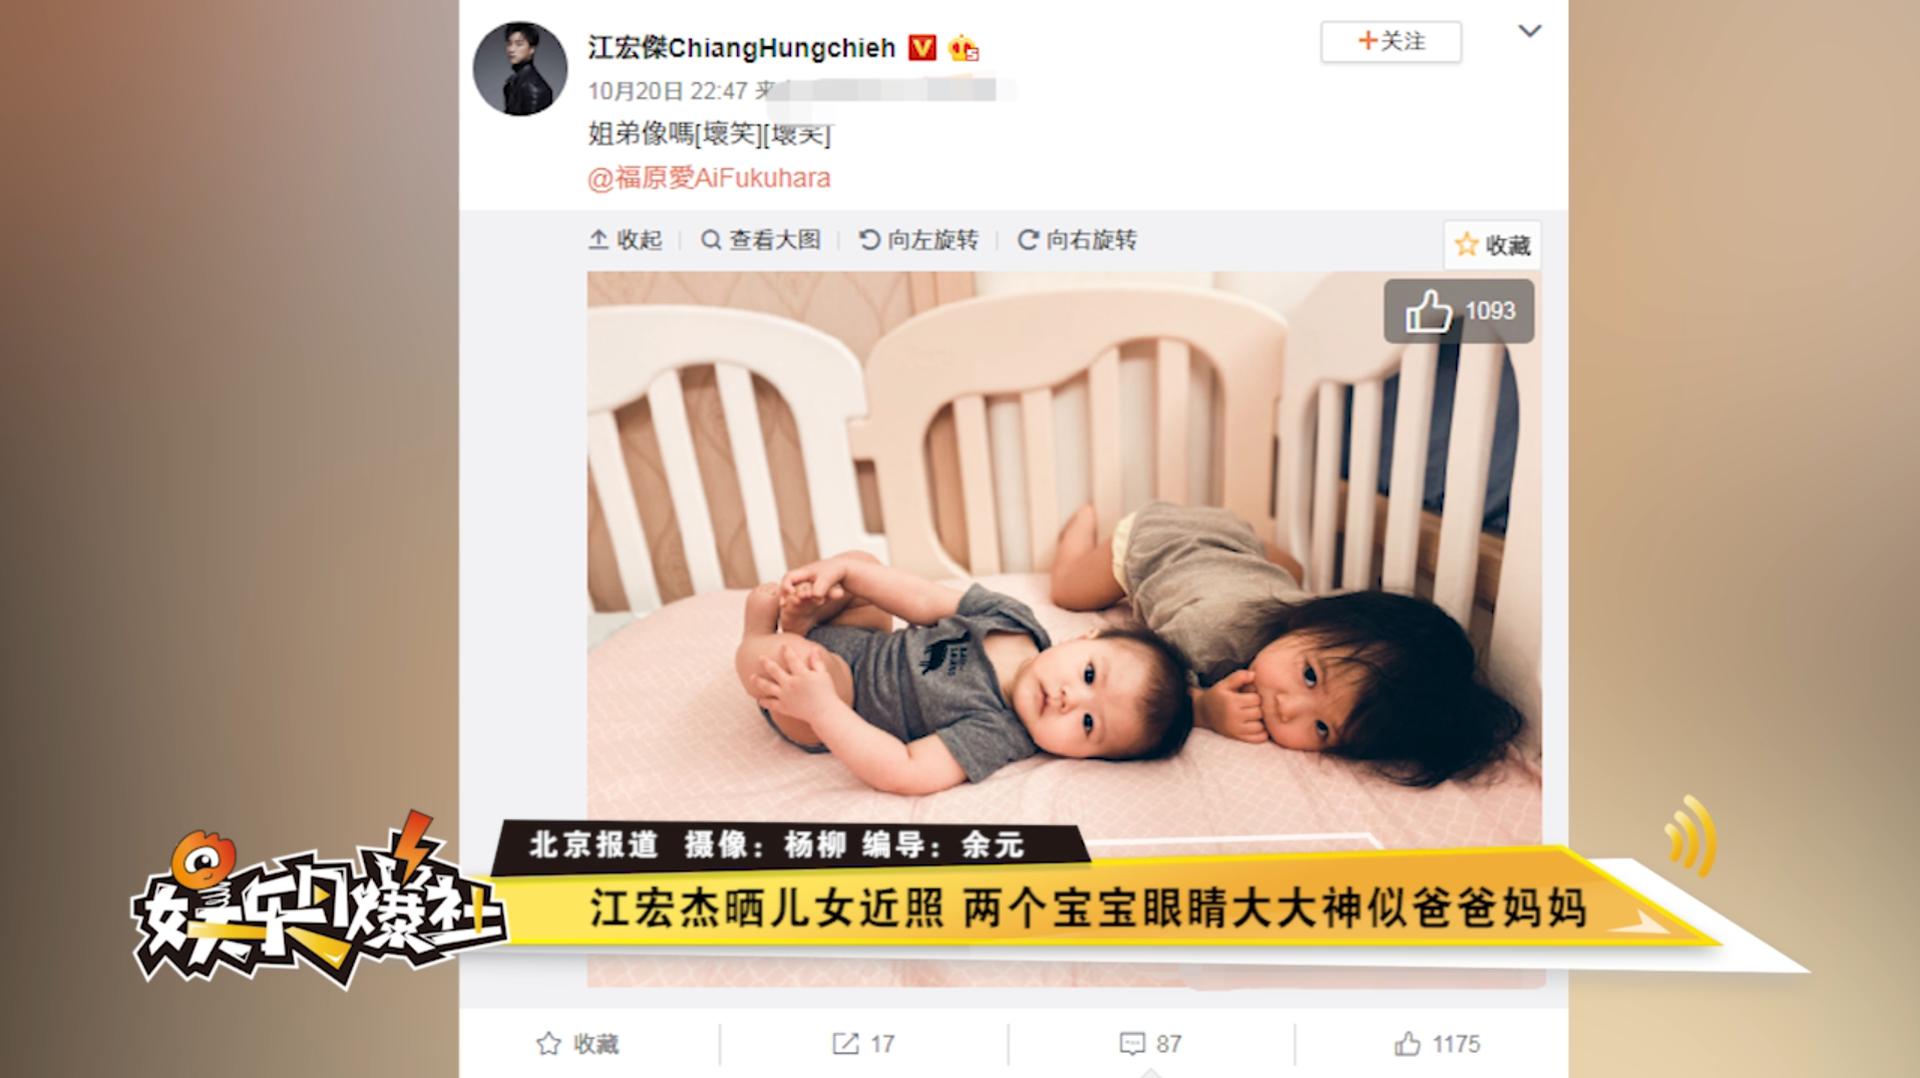 江宏杰曬兒女近照 兩個寶寶眼睛大大神似爸爸媽媽